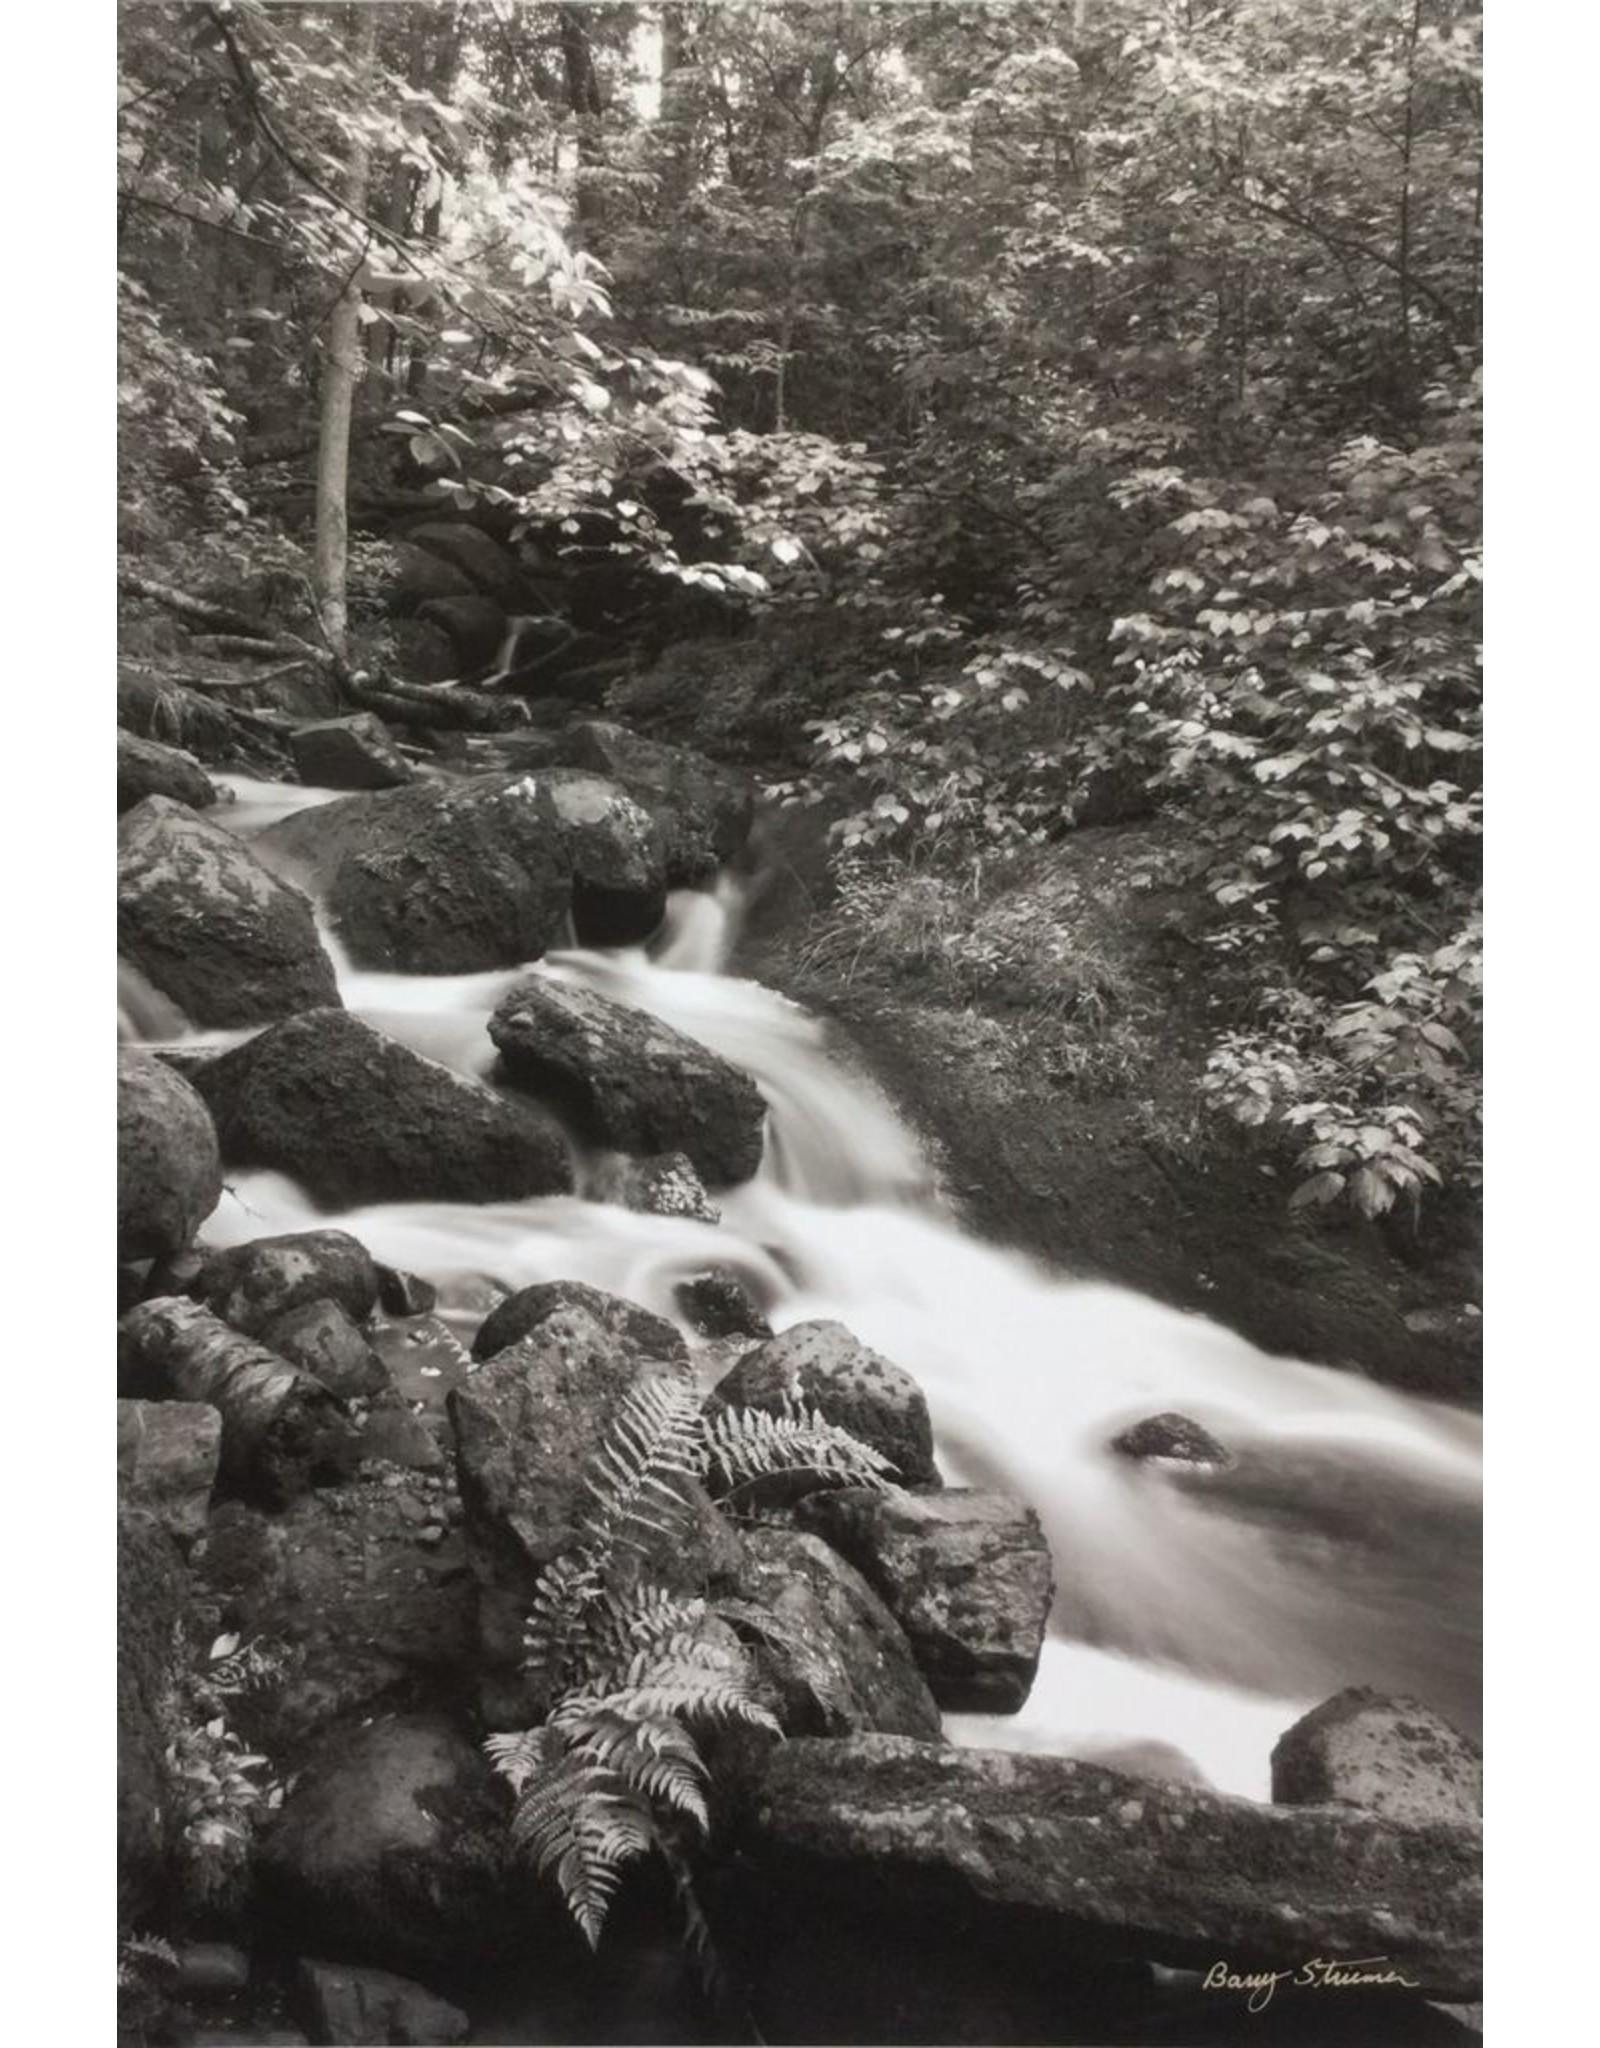 Striemer, Barry McGillivray Falls